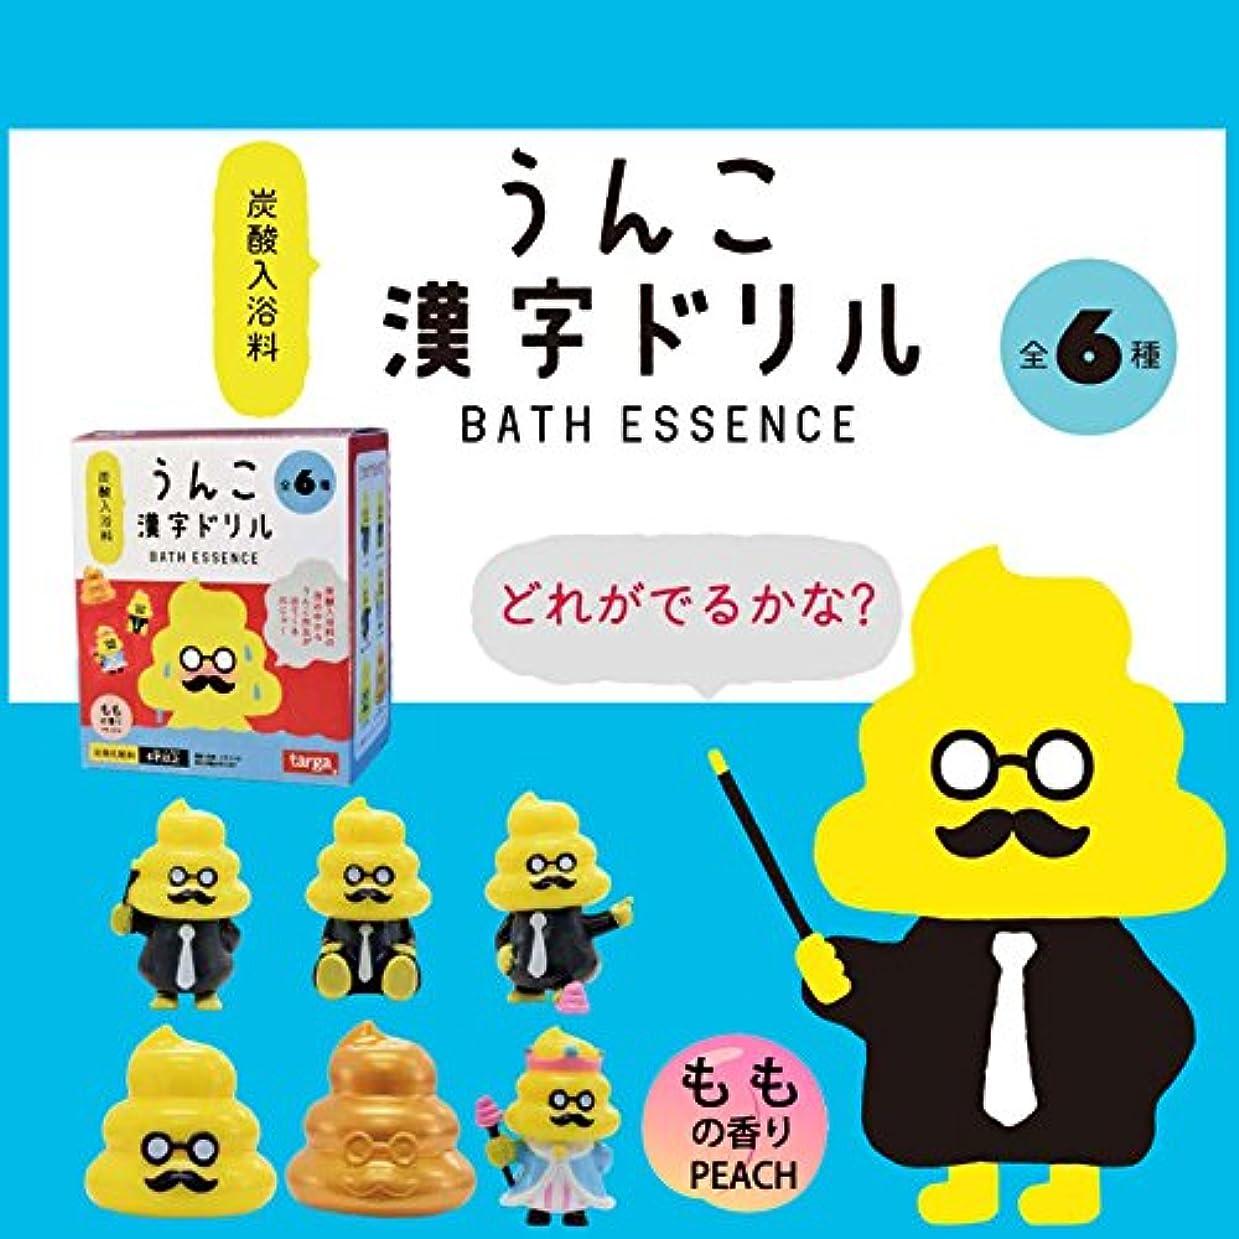 安らぎ開梱狼うんこ漢字ドリル 炭酸入浴料 6個1セット 入浴剤